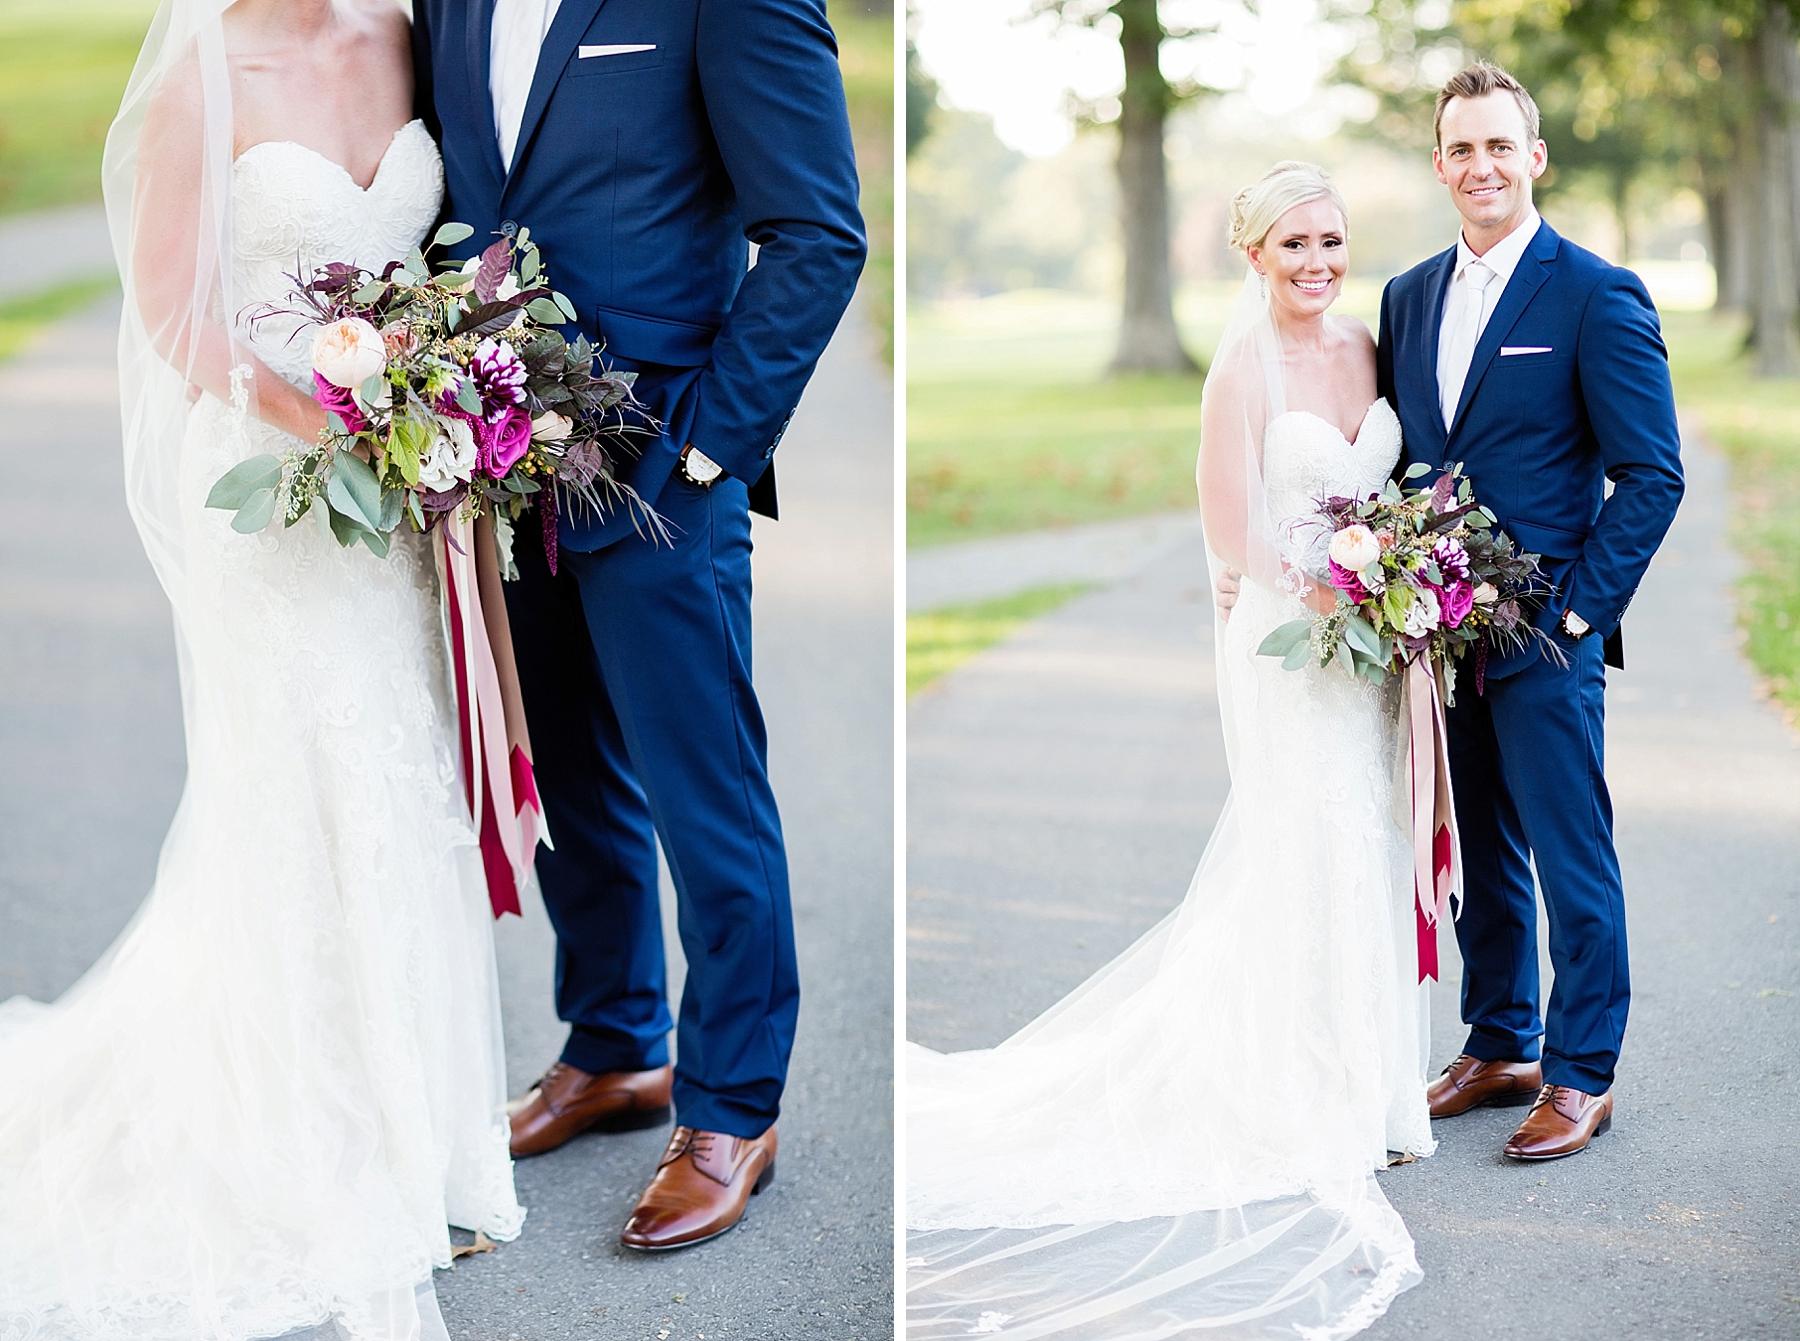 windsor-wedding-photographer-essex-golf-country-club-wedding-eryn-shea-photography_0055.jpg